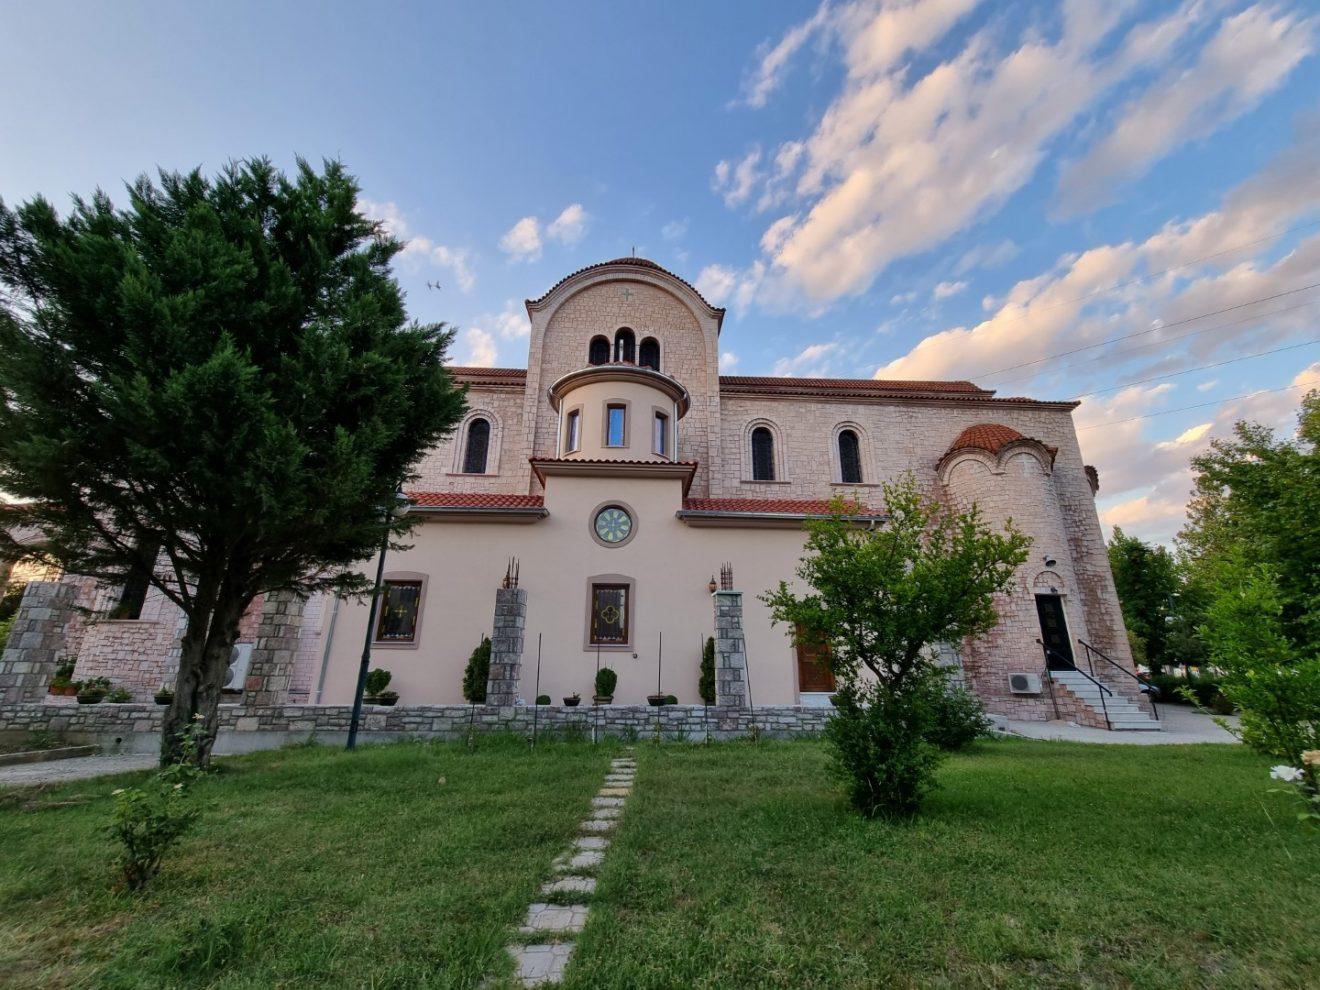 Την Κυριακή εγκαινιάζεται το εκκλησάκι του Αγίου Παϊσίου στα Τρίκαλα (πρόγραμμα)